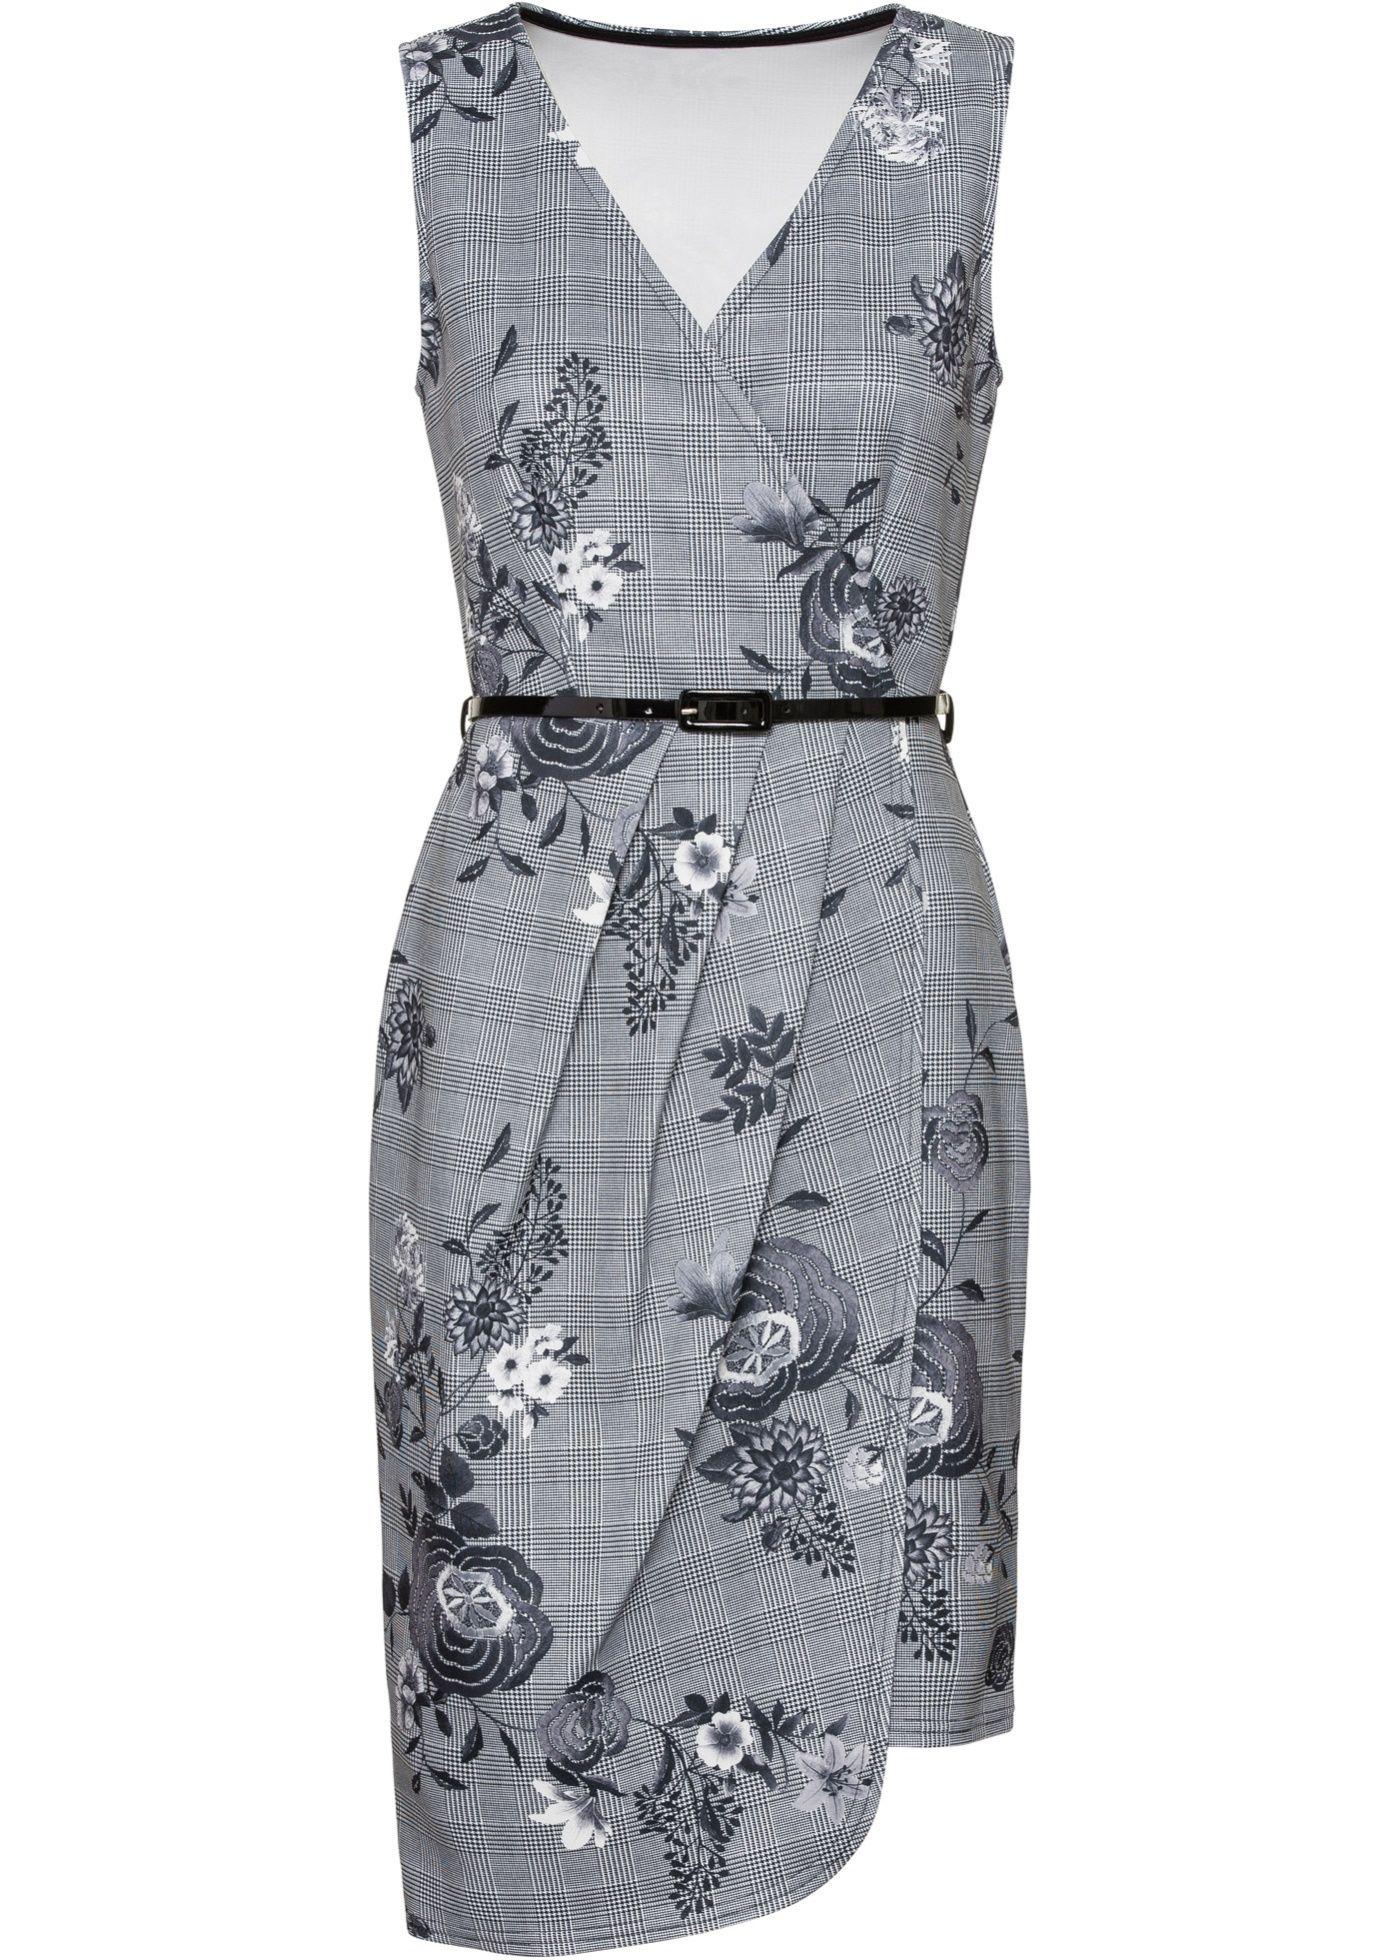 Květované šaty černo-bílá kostka s květy - BODYFLIRT boutique koupit online  - bonprix.cz 1fe608a77a